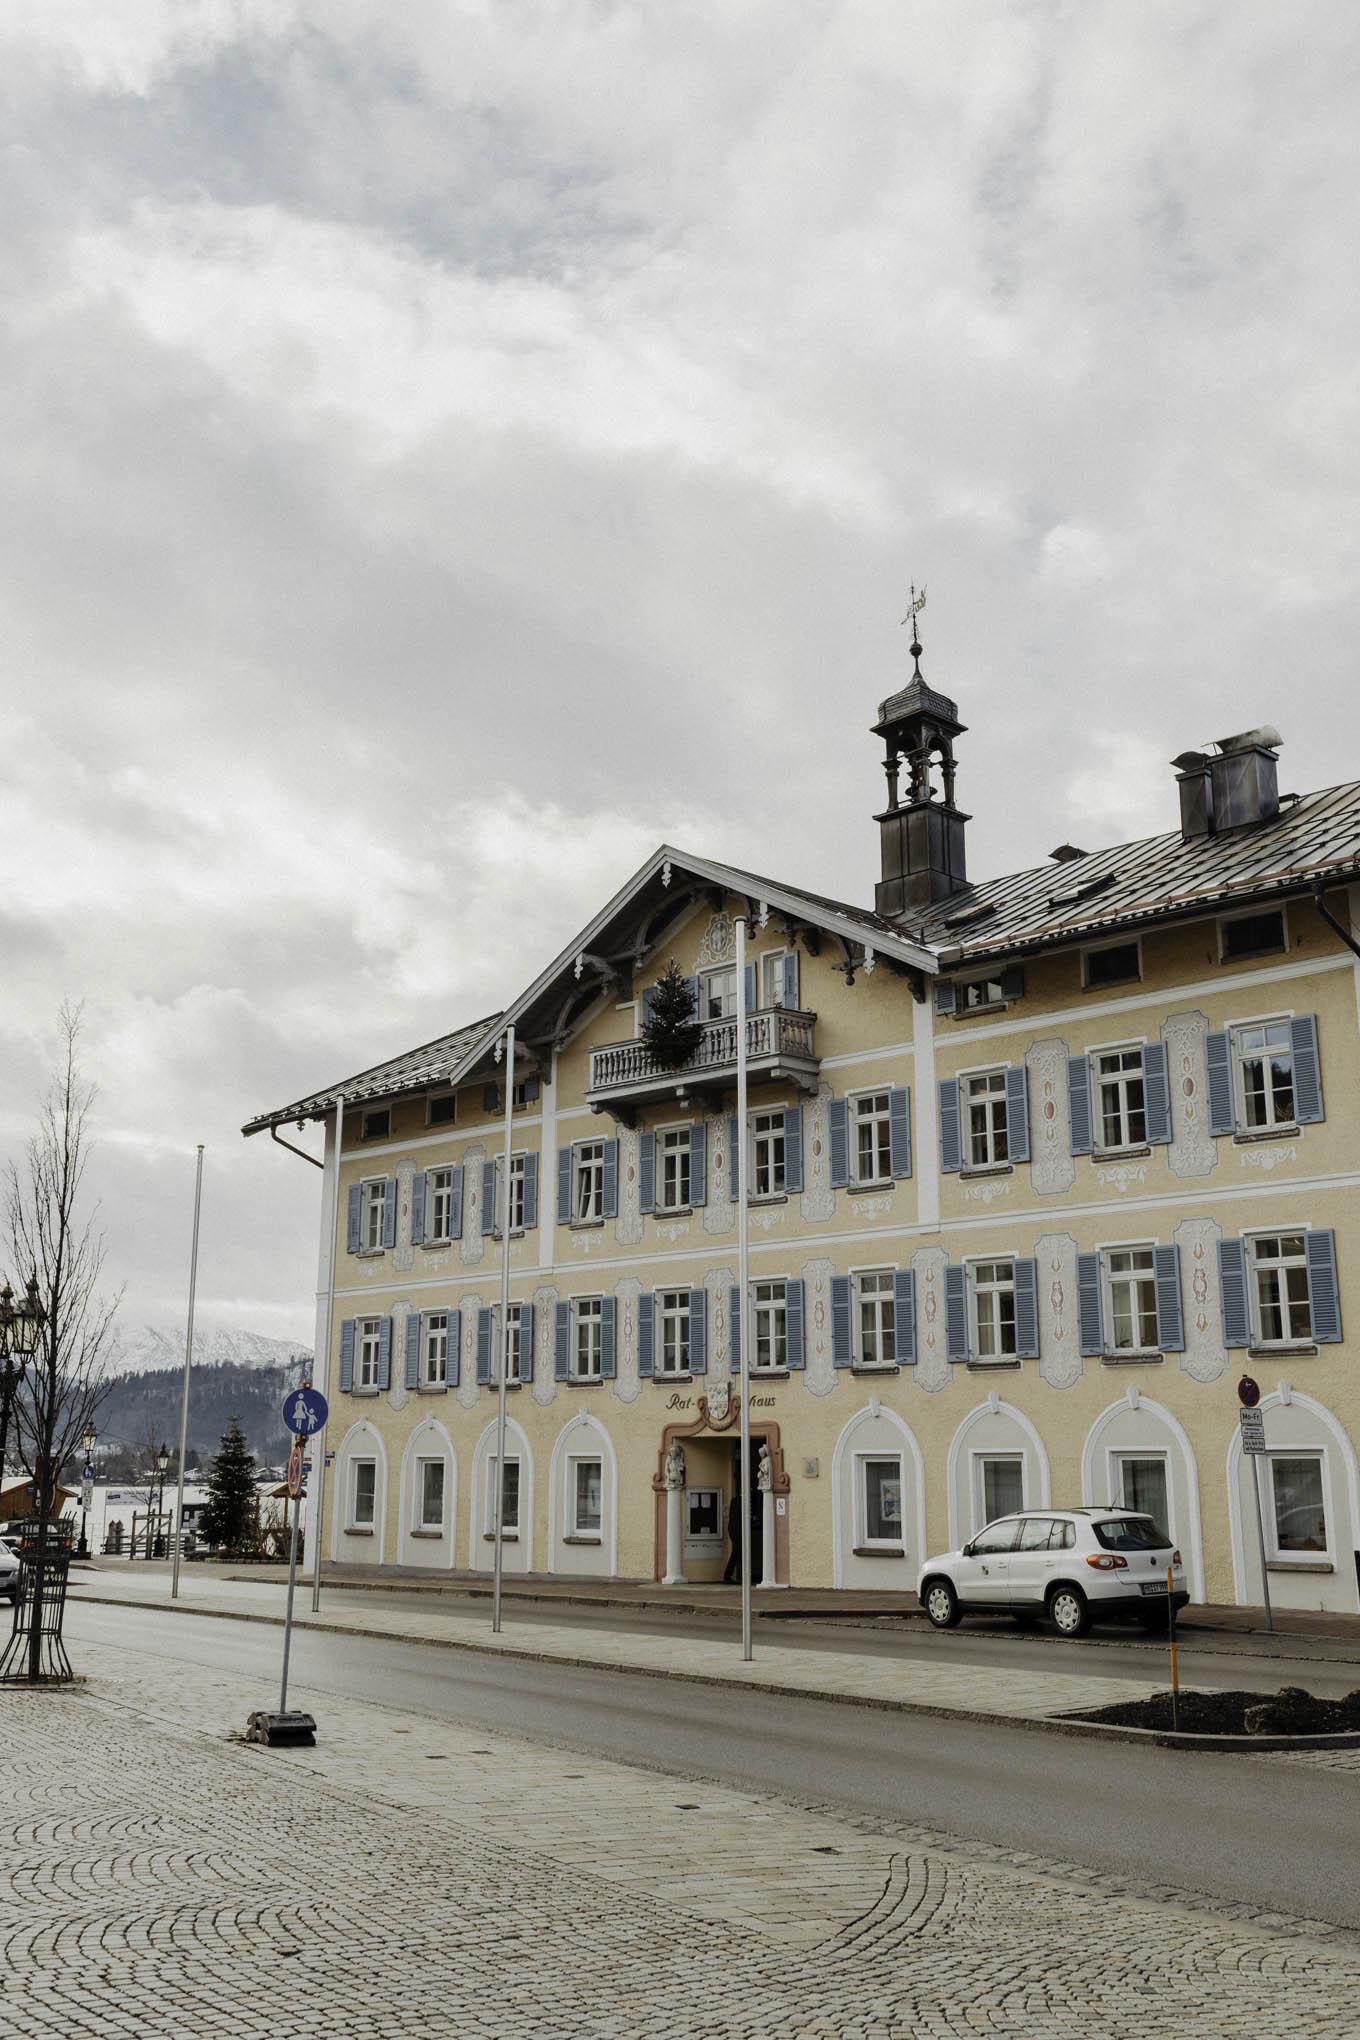 Standesamt am Tegernsee im Winter